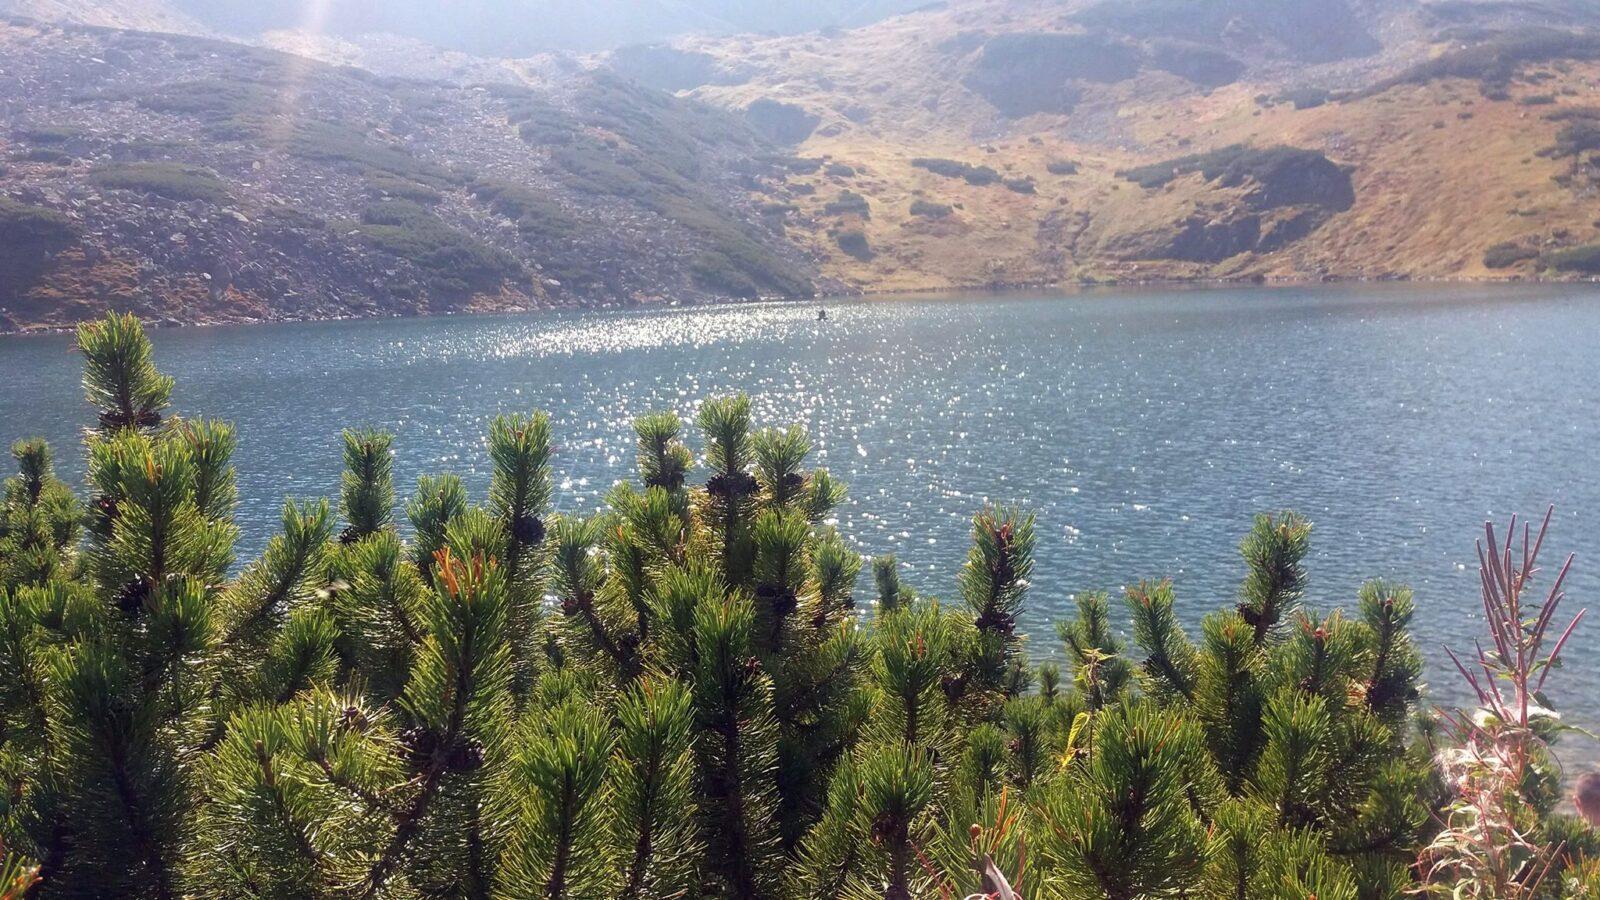 Góry czarny staw morskie oko jezioro świerk mojelato słońce woda